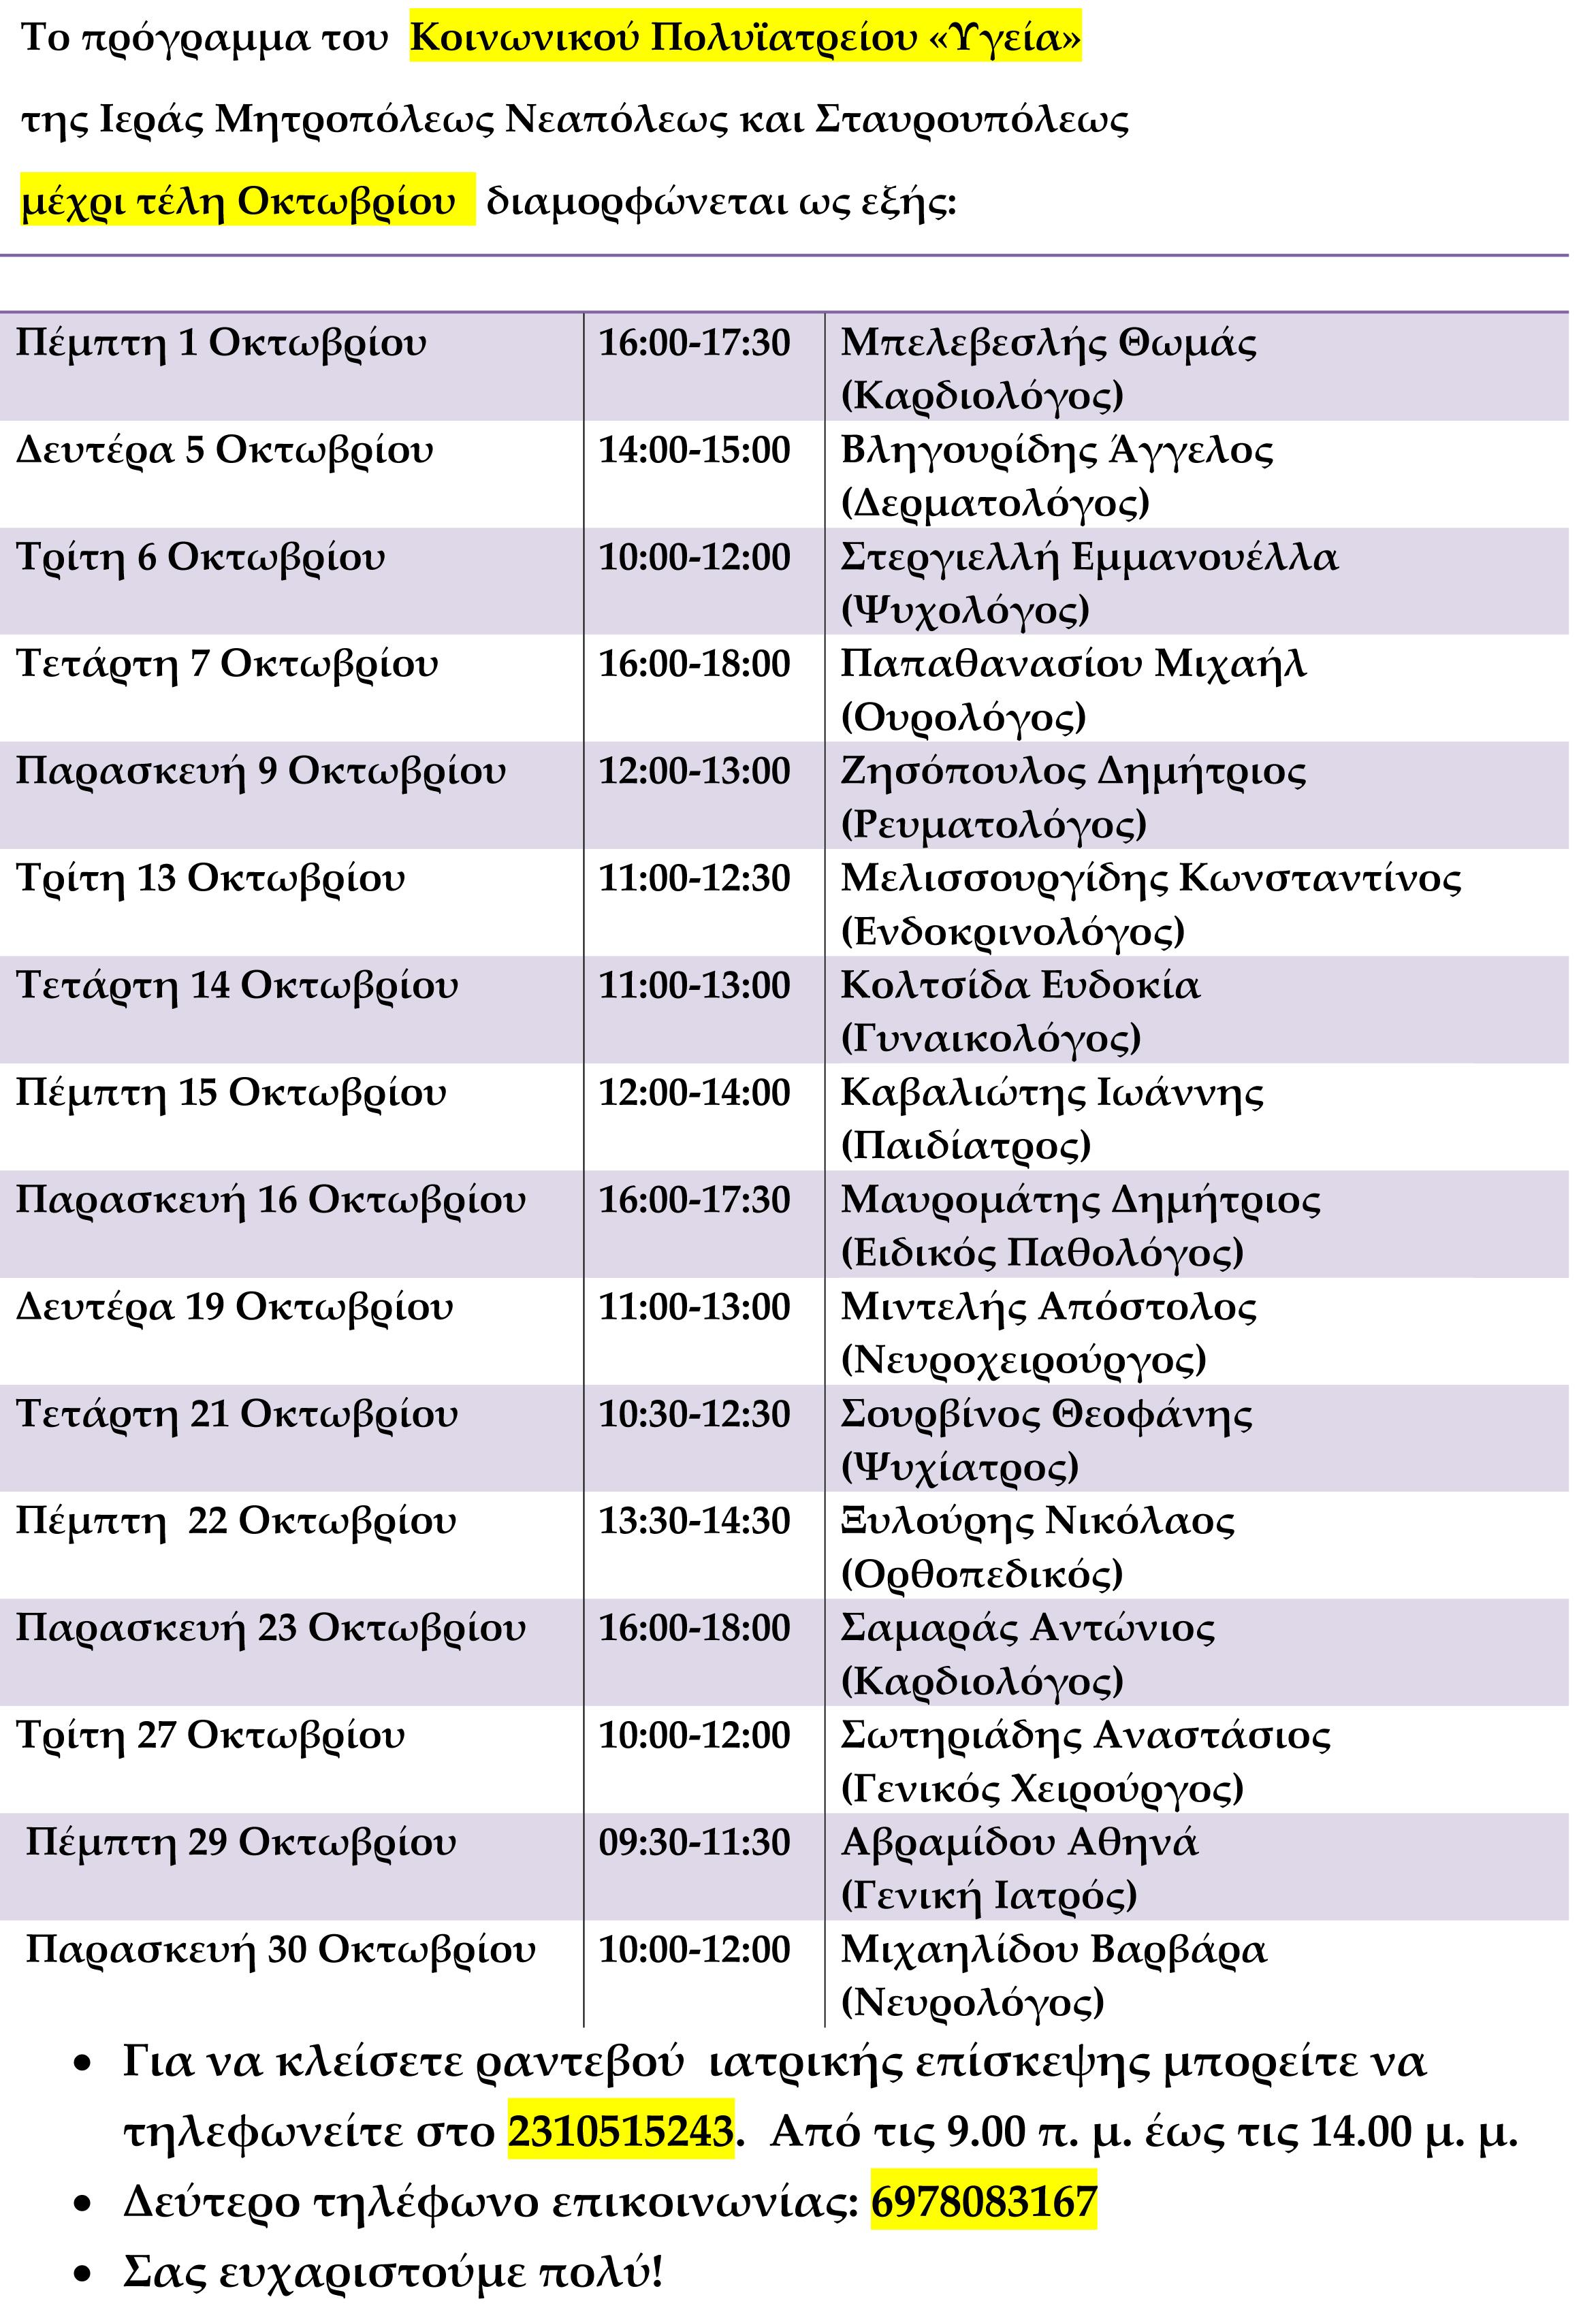 Πρόγραμμα Οκτωβρίου 2015